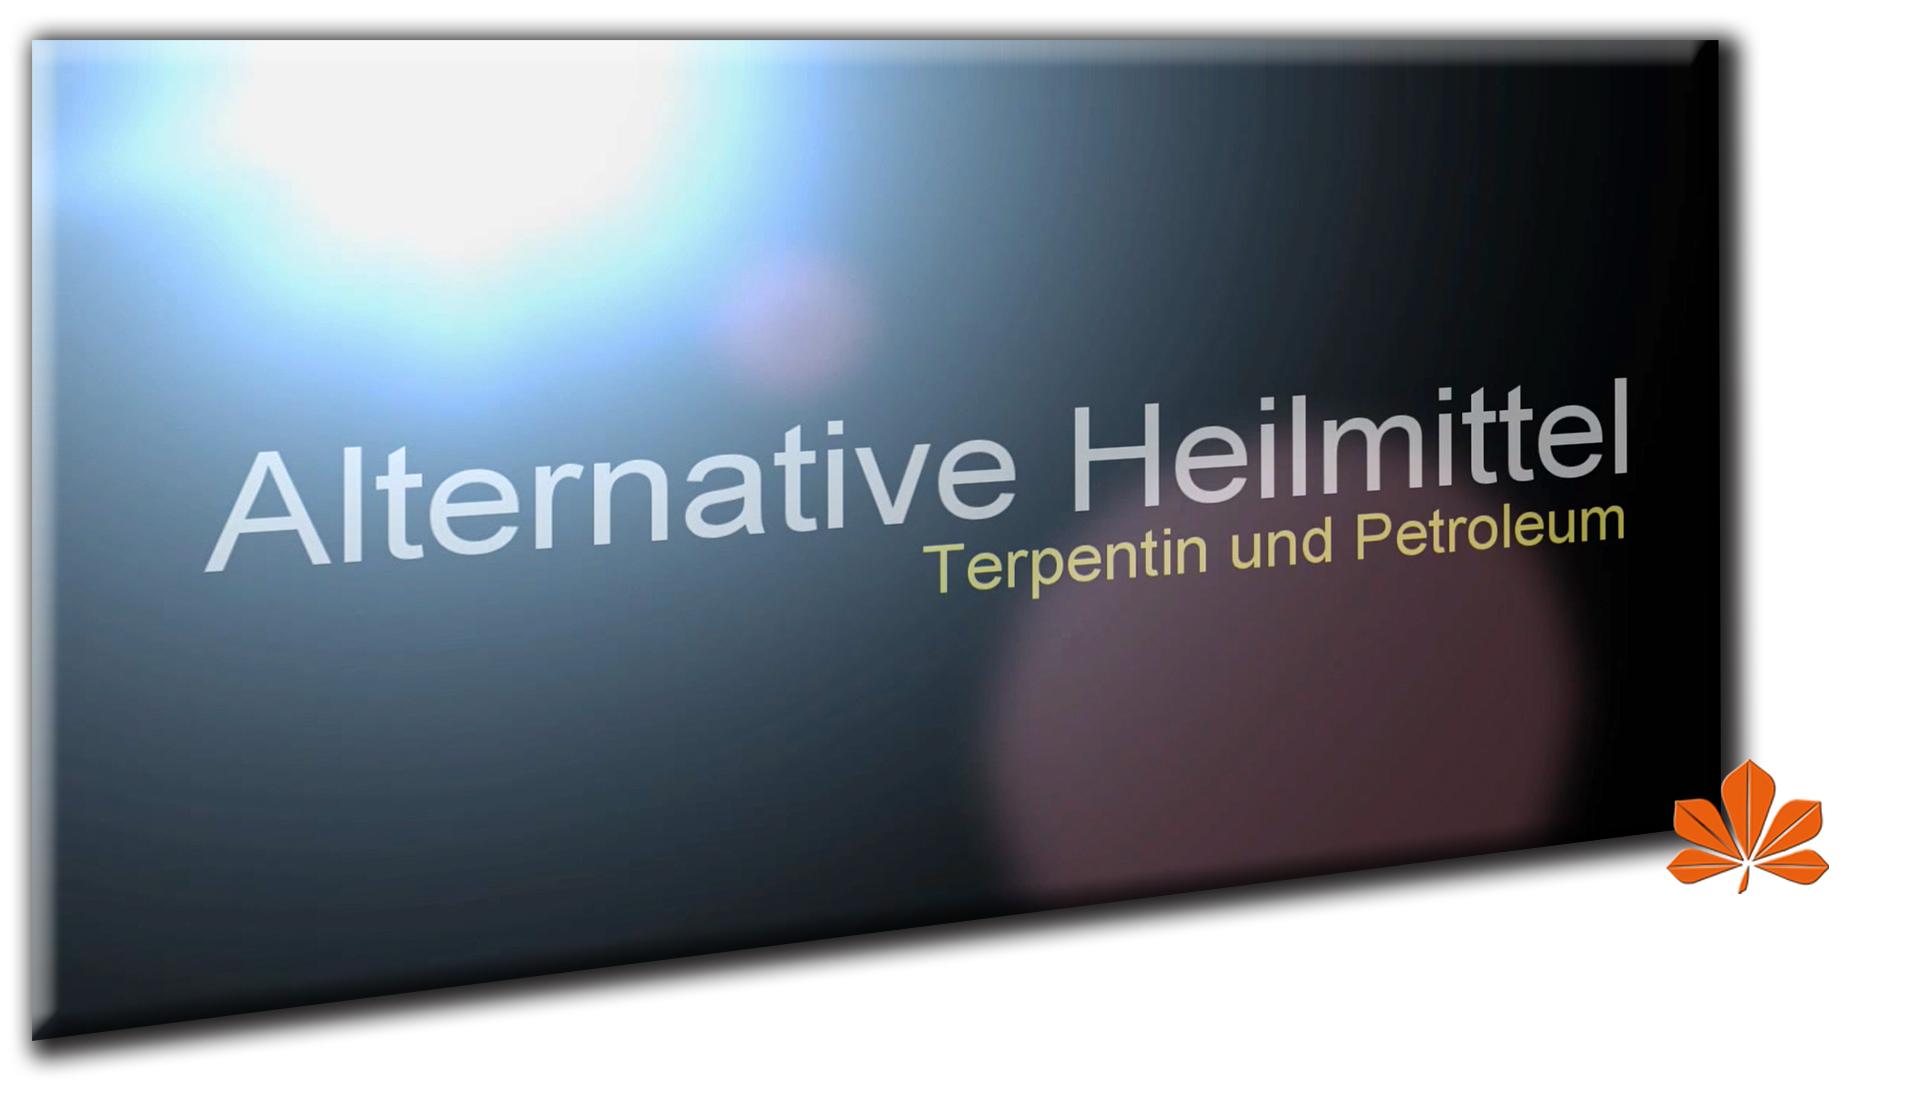 VIDEO - Terpentin und Petroleum - Chlordioxid Therapieblockaden überwinden